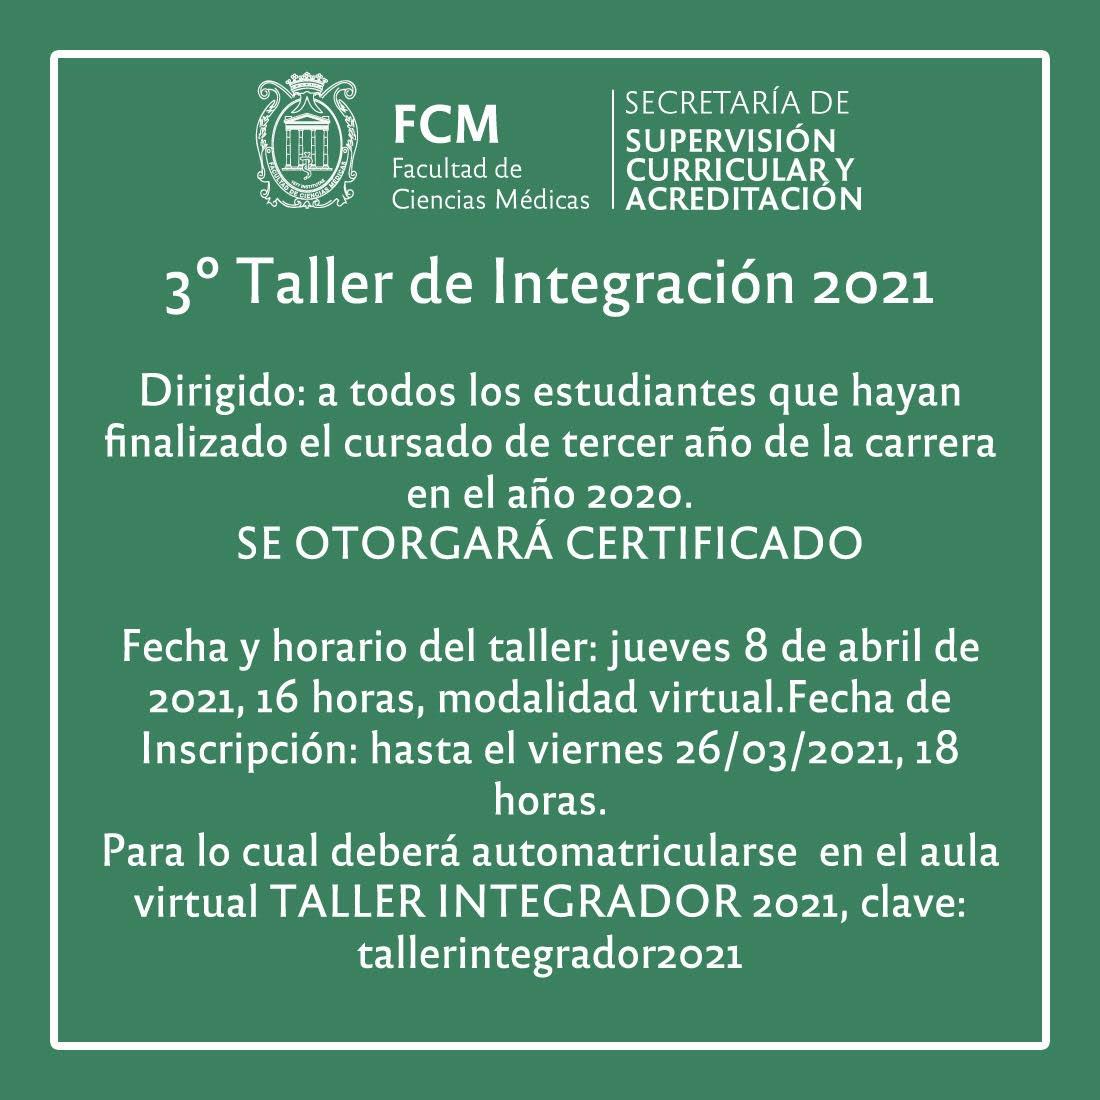 TALLER INTEGRADOR 2021